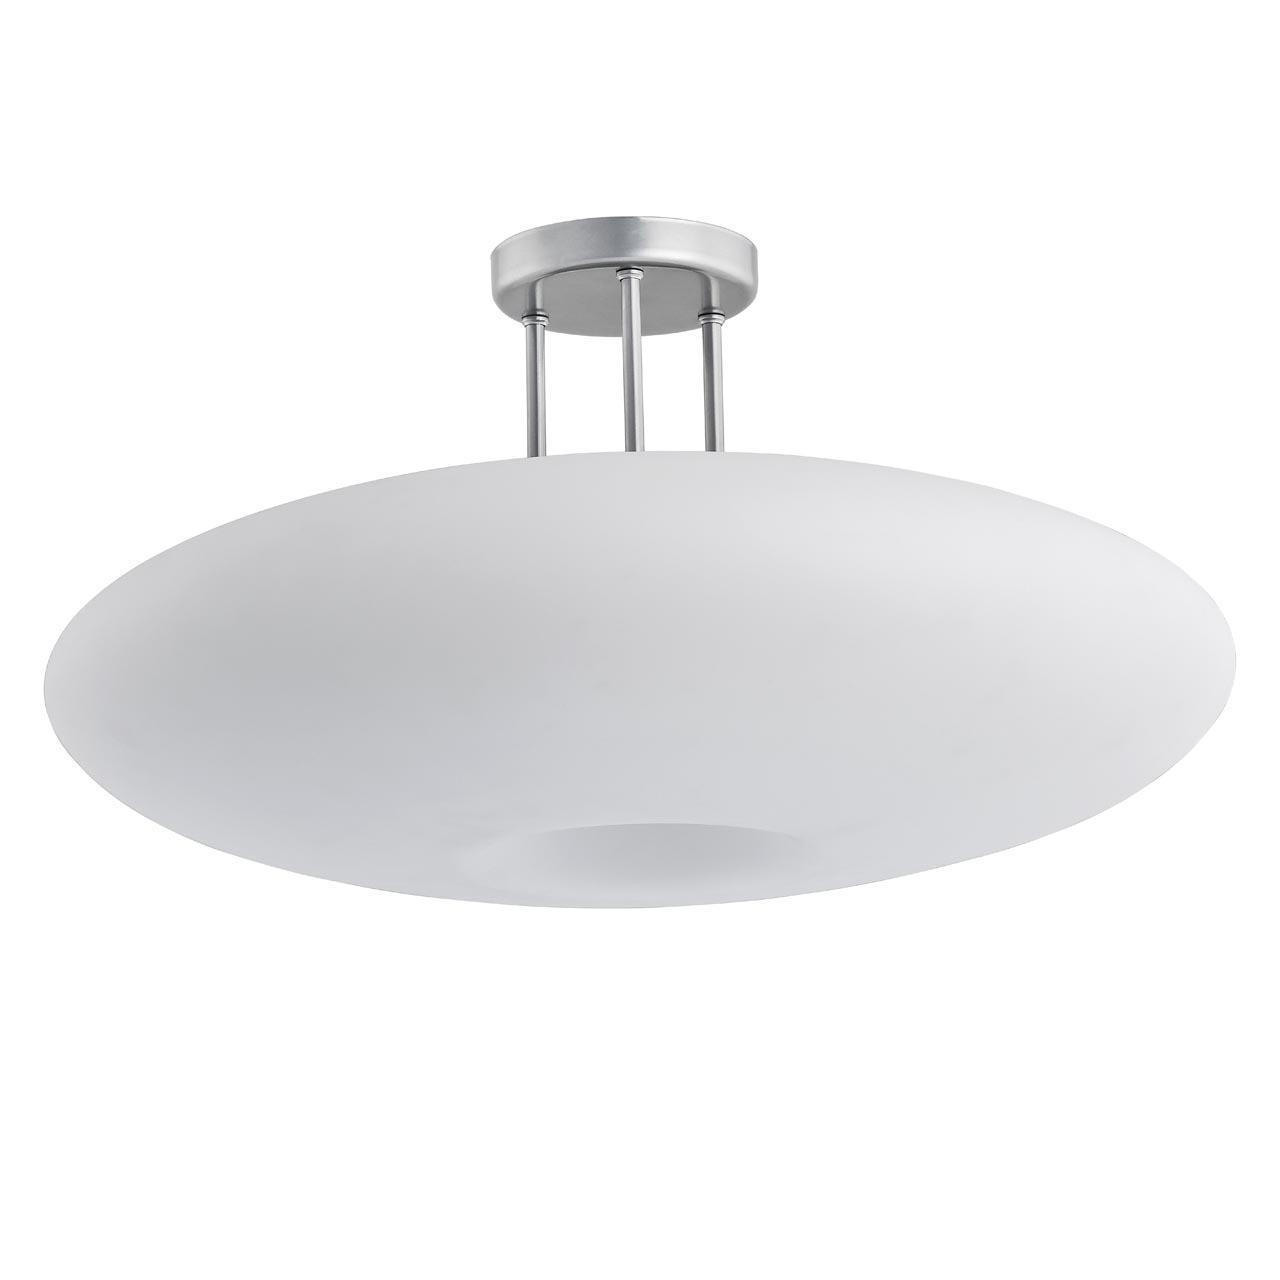 Подвесной светодиодный светильник TK Lighting 892 Gala Led